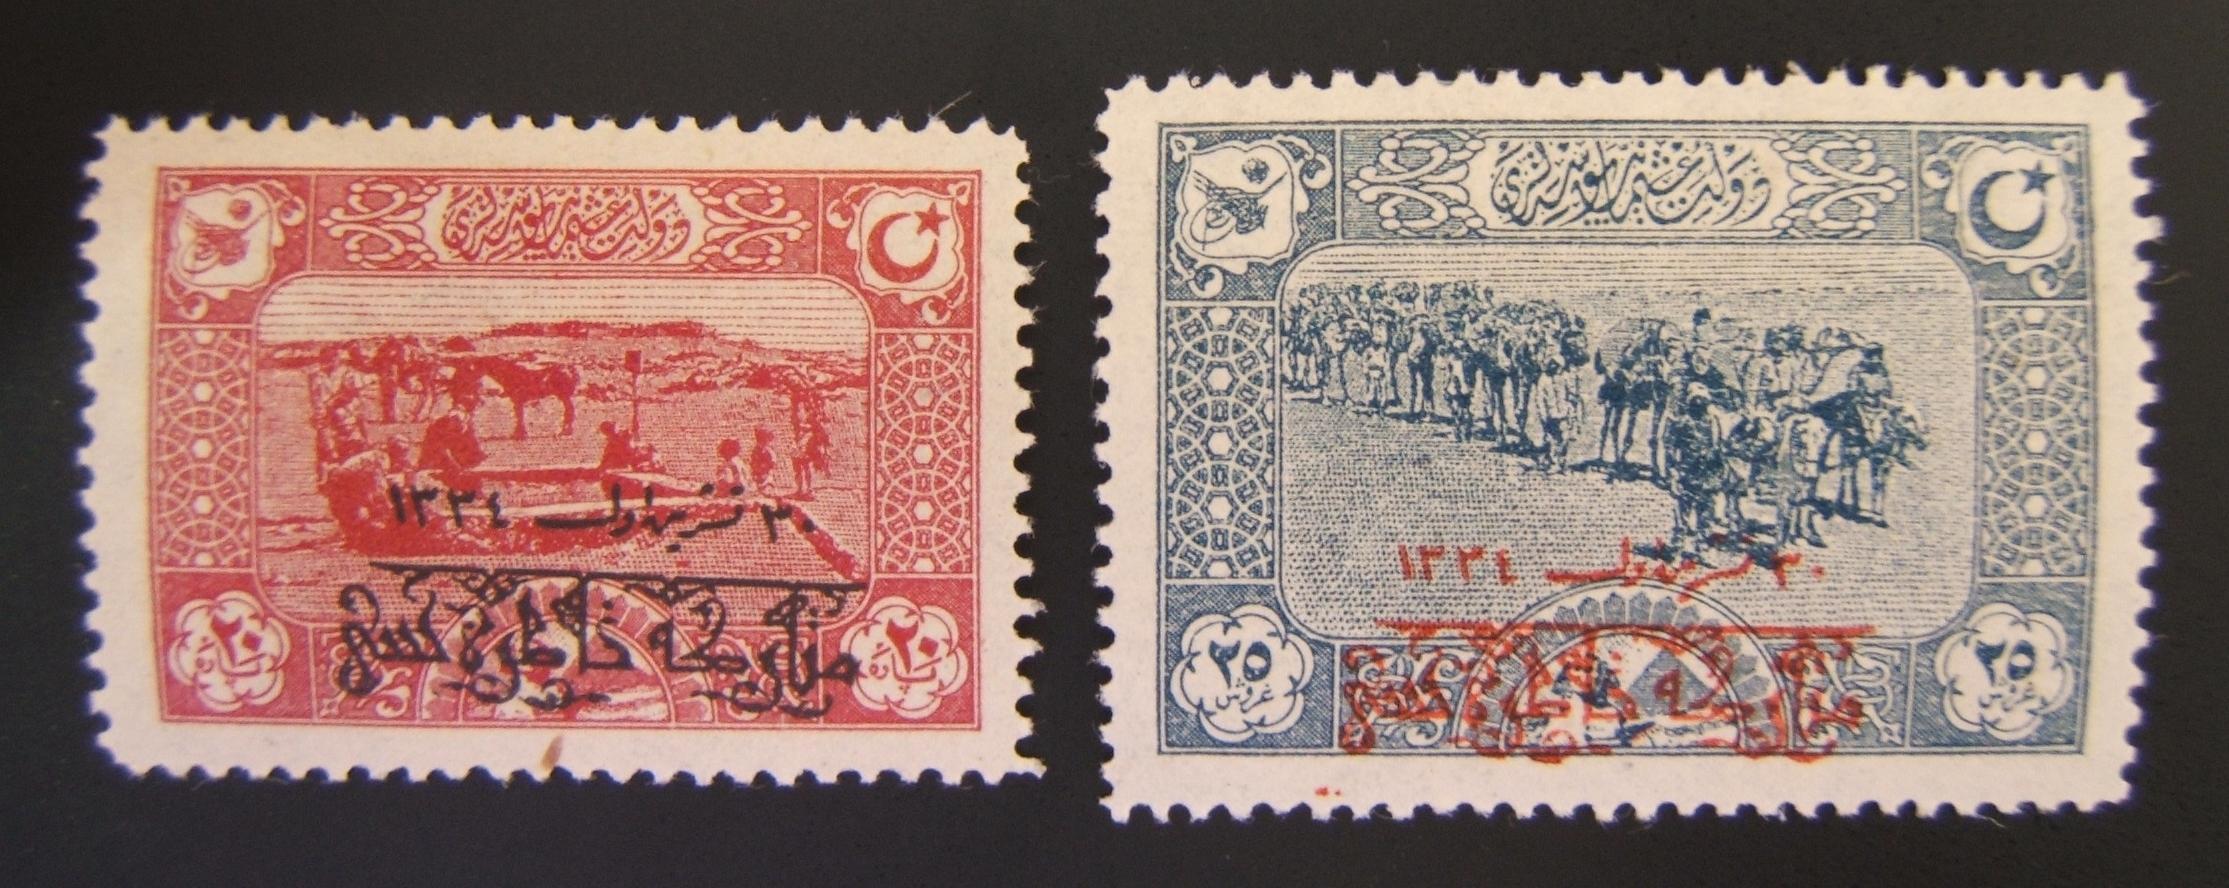 Osmanischer Waffenstillstand x2 1919 20 Para (postfrisch) und 25 Para (ungebraucht) Briefmarken